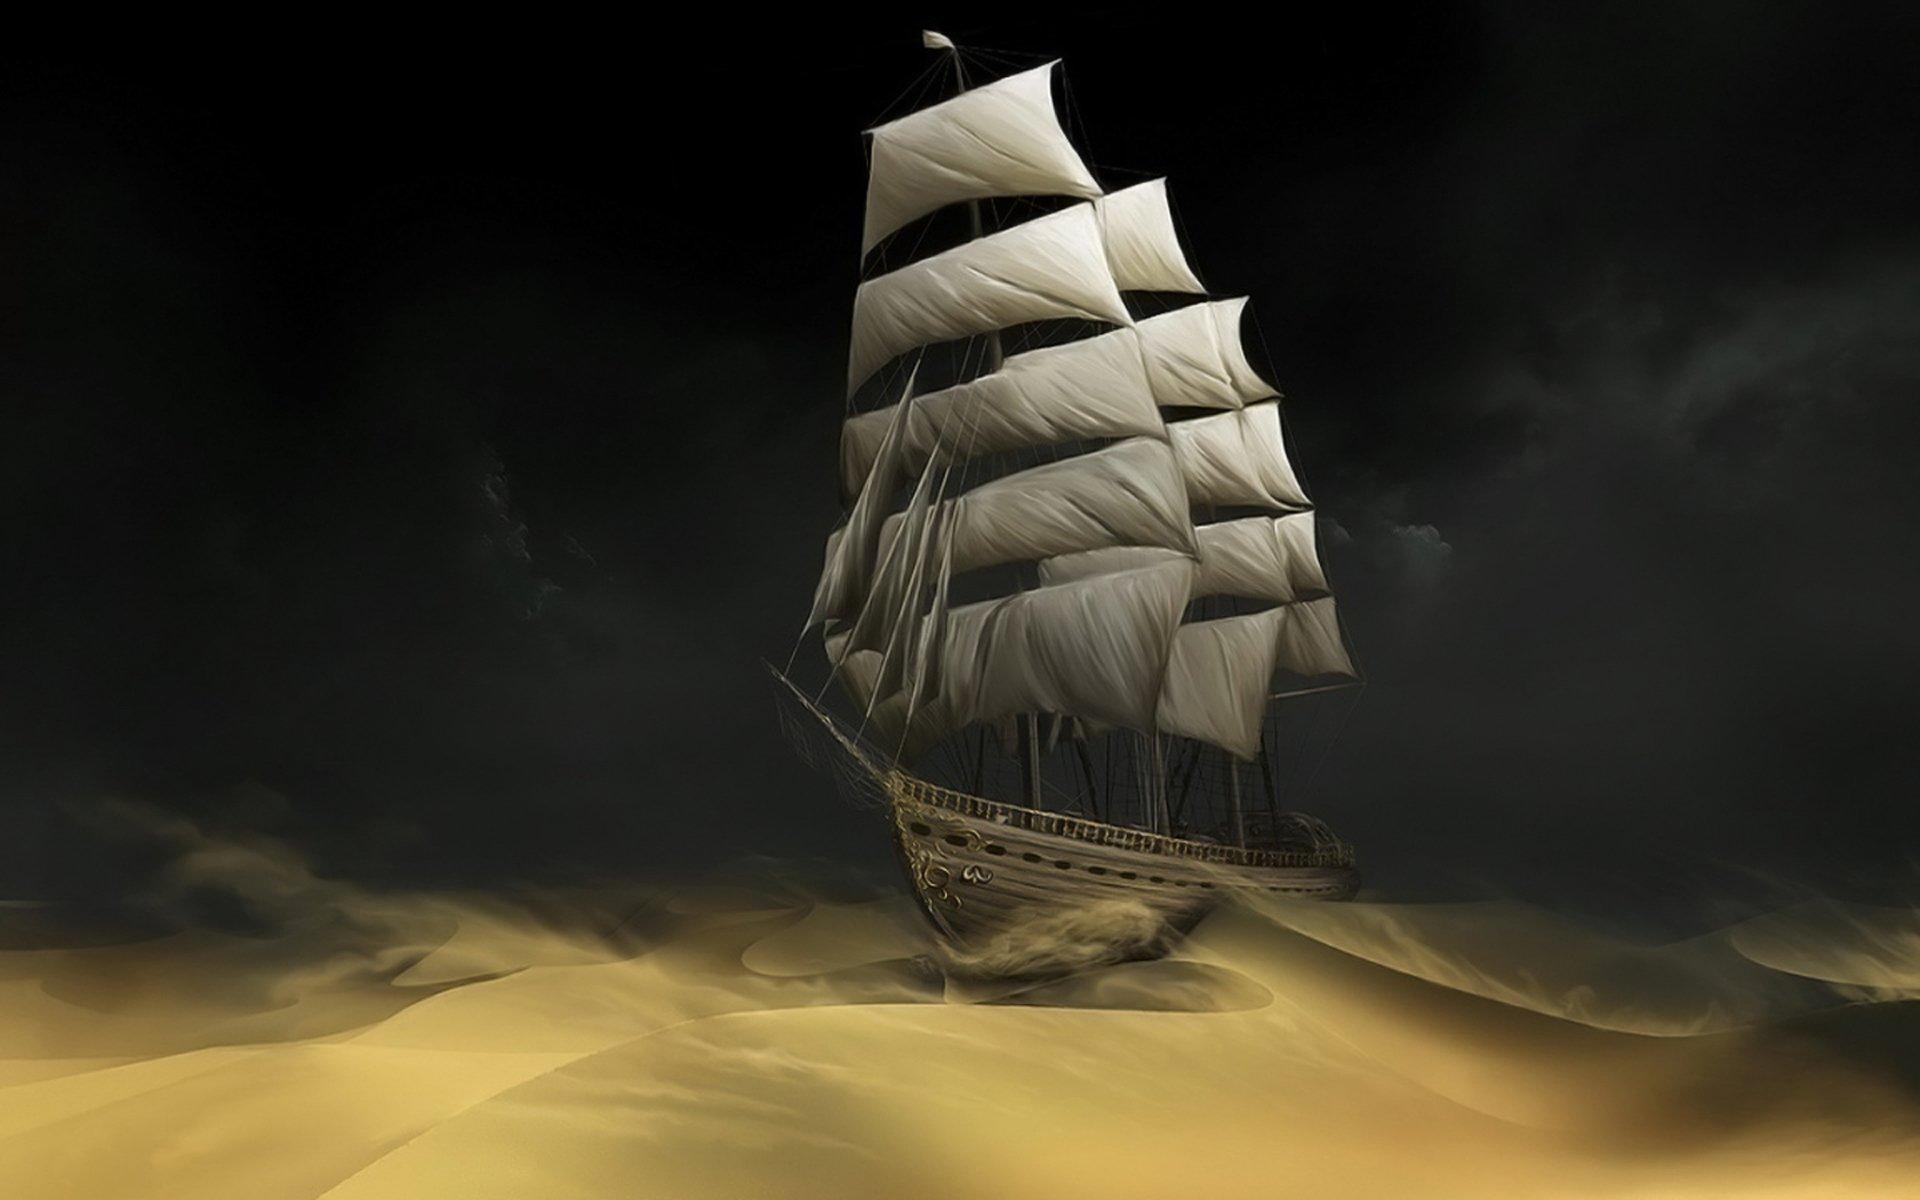 Художественные - Прочее  Корабль Обои